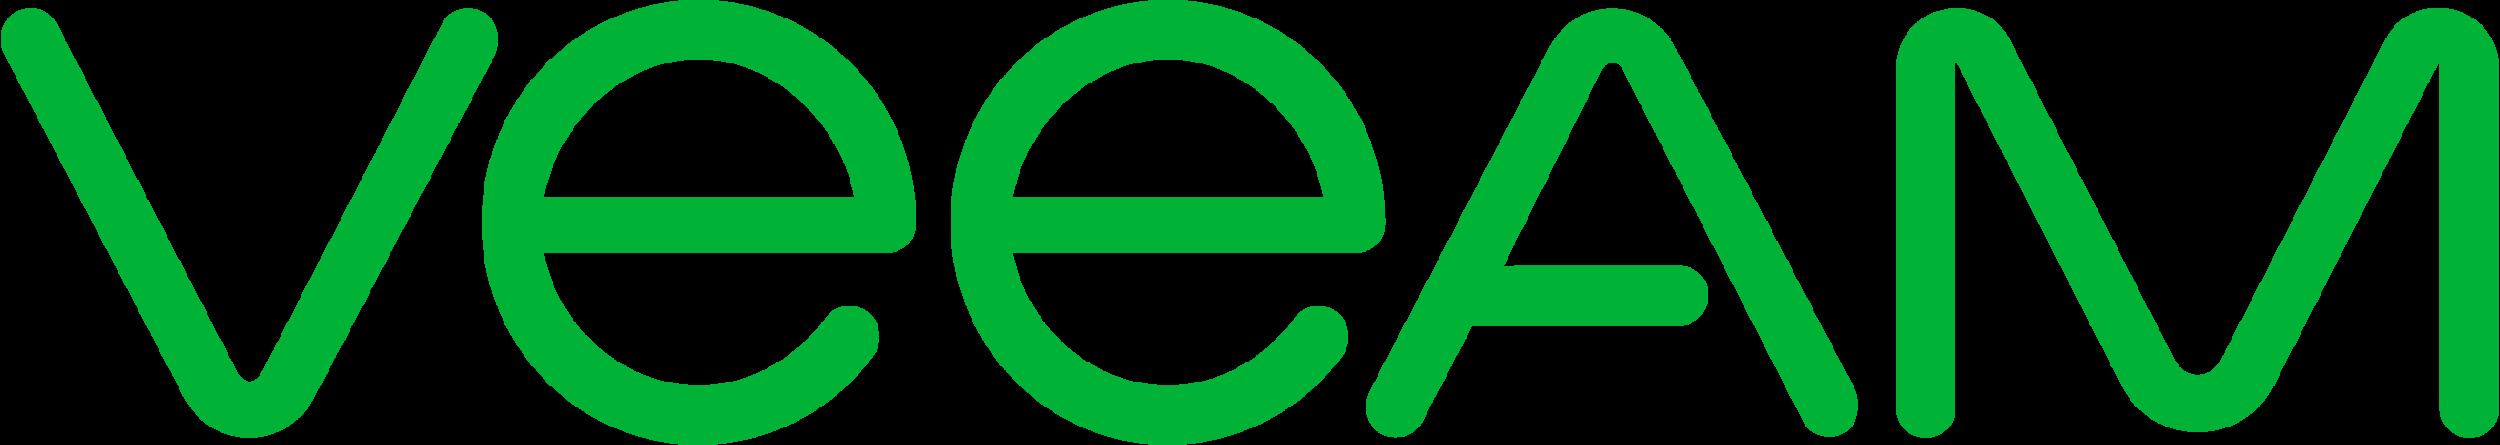 veeam_green_logo.png